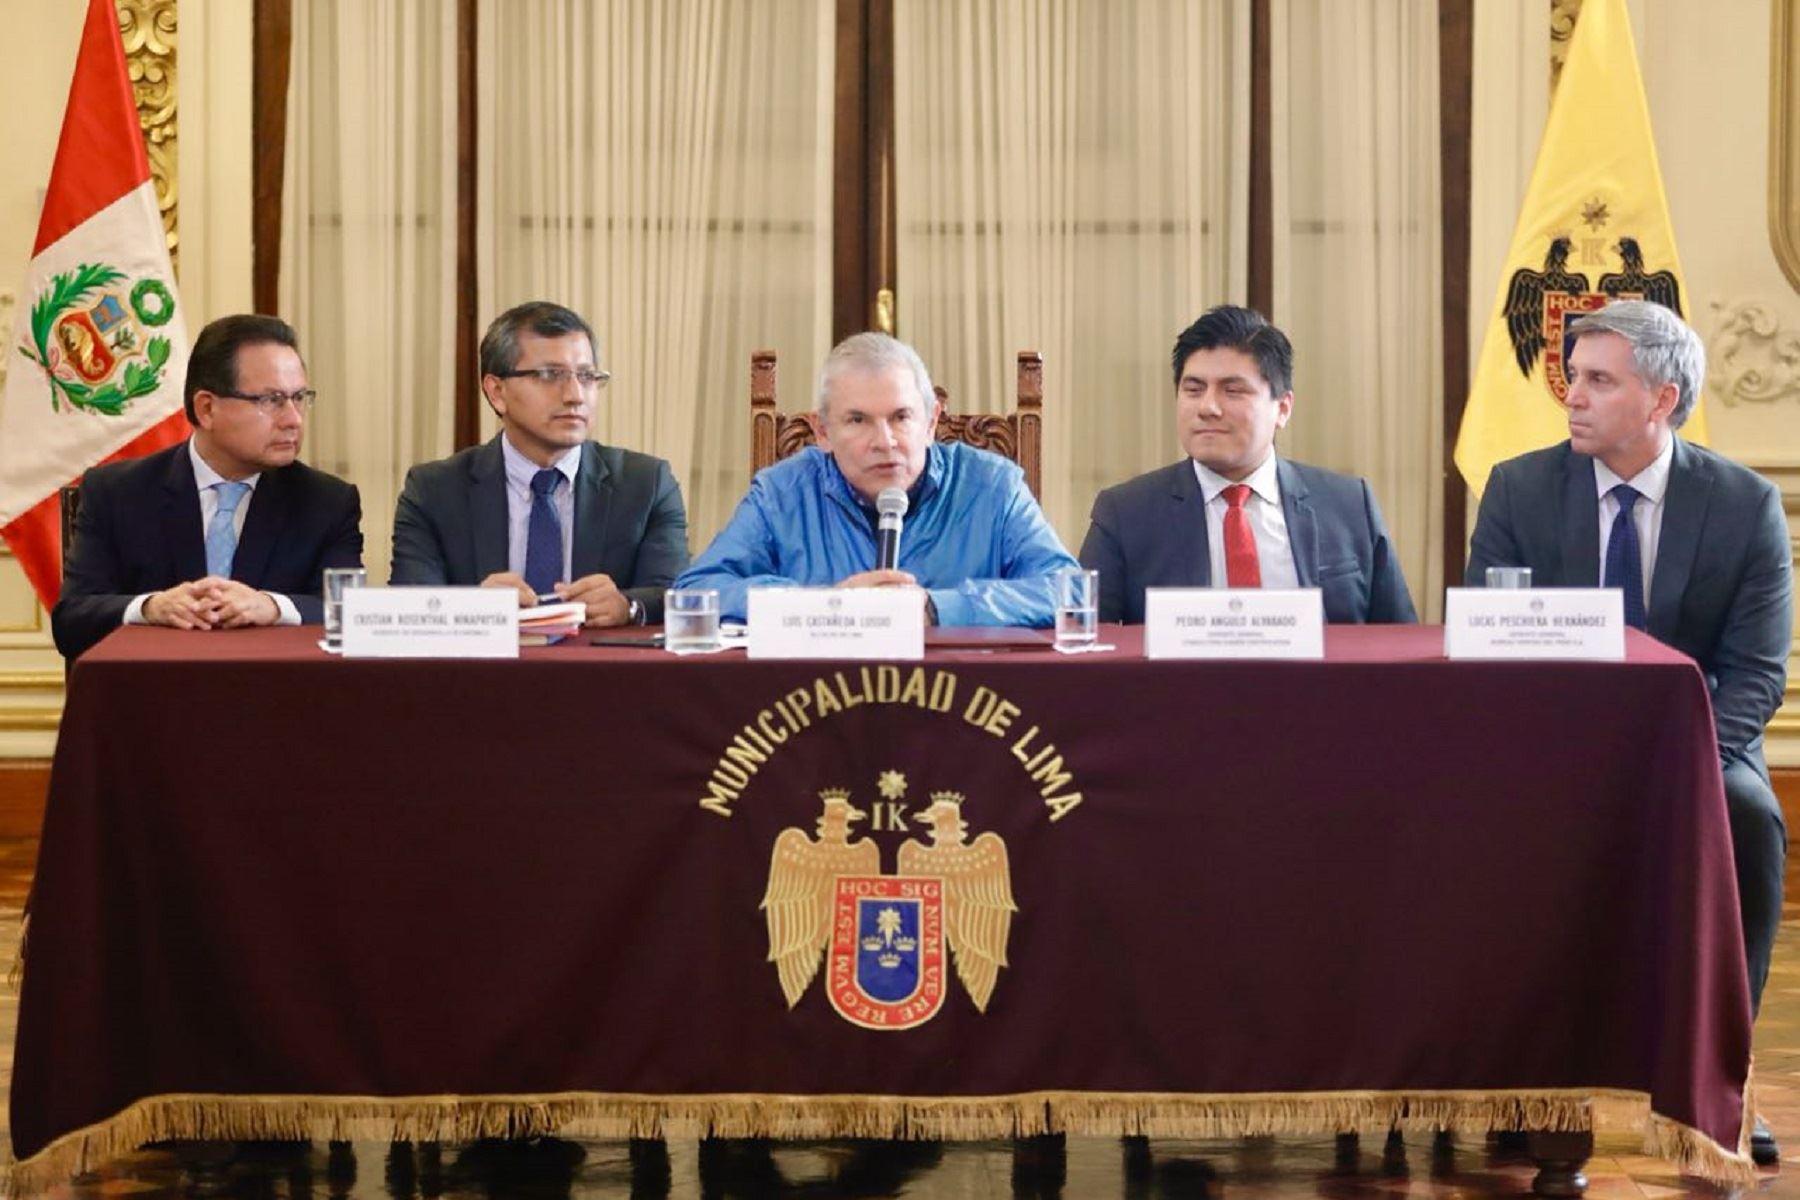 Municialidad de Lima obtiene certificación ISO 9001 Foto: Municipalidad de Lima